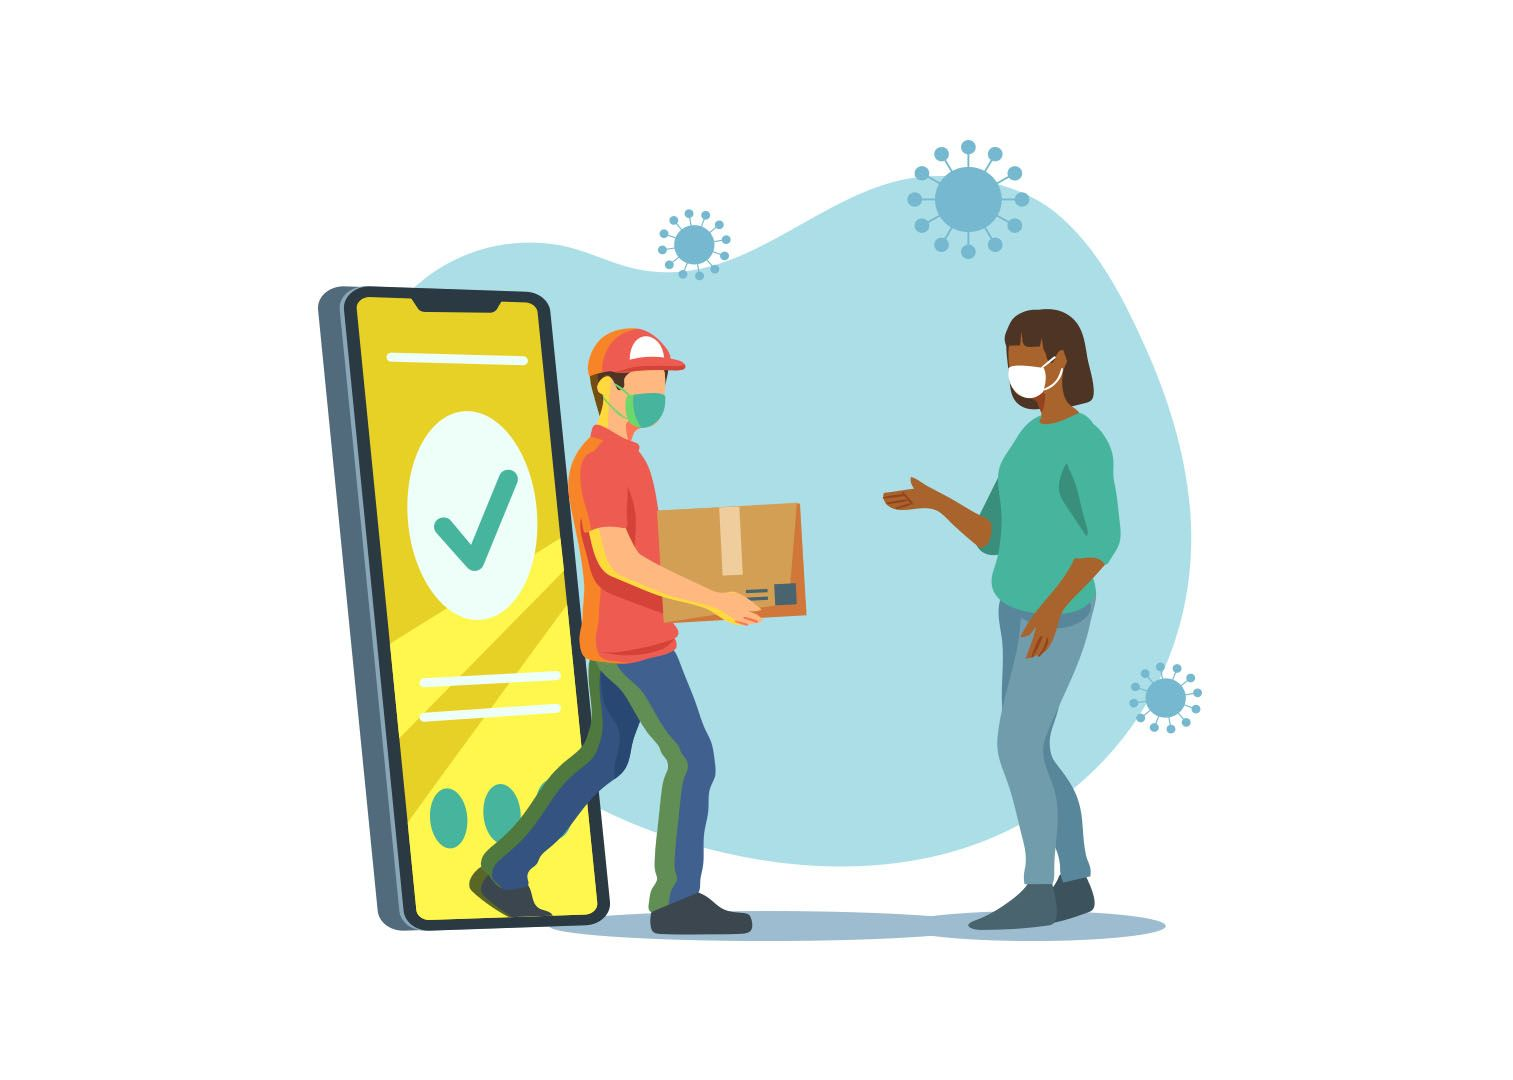 La importancia del comercio electrónico en tiempos de pandemia